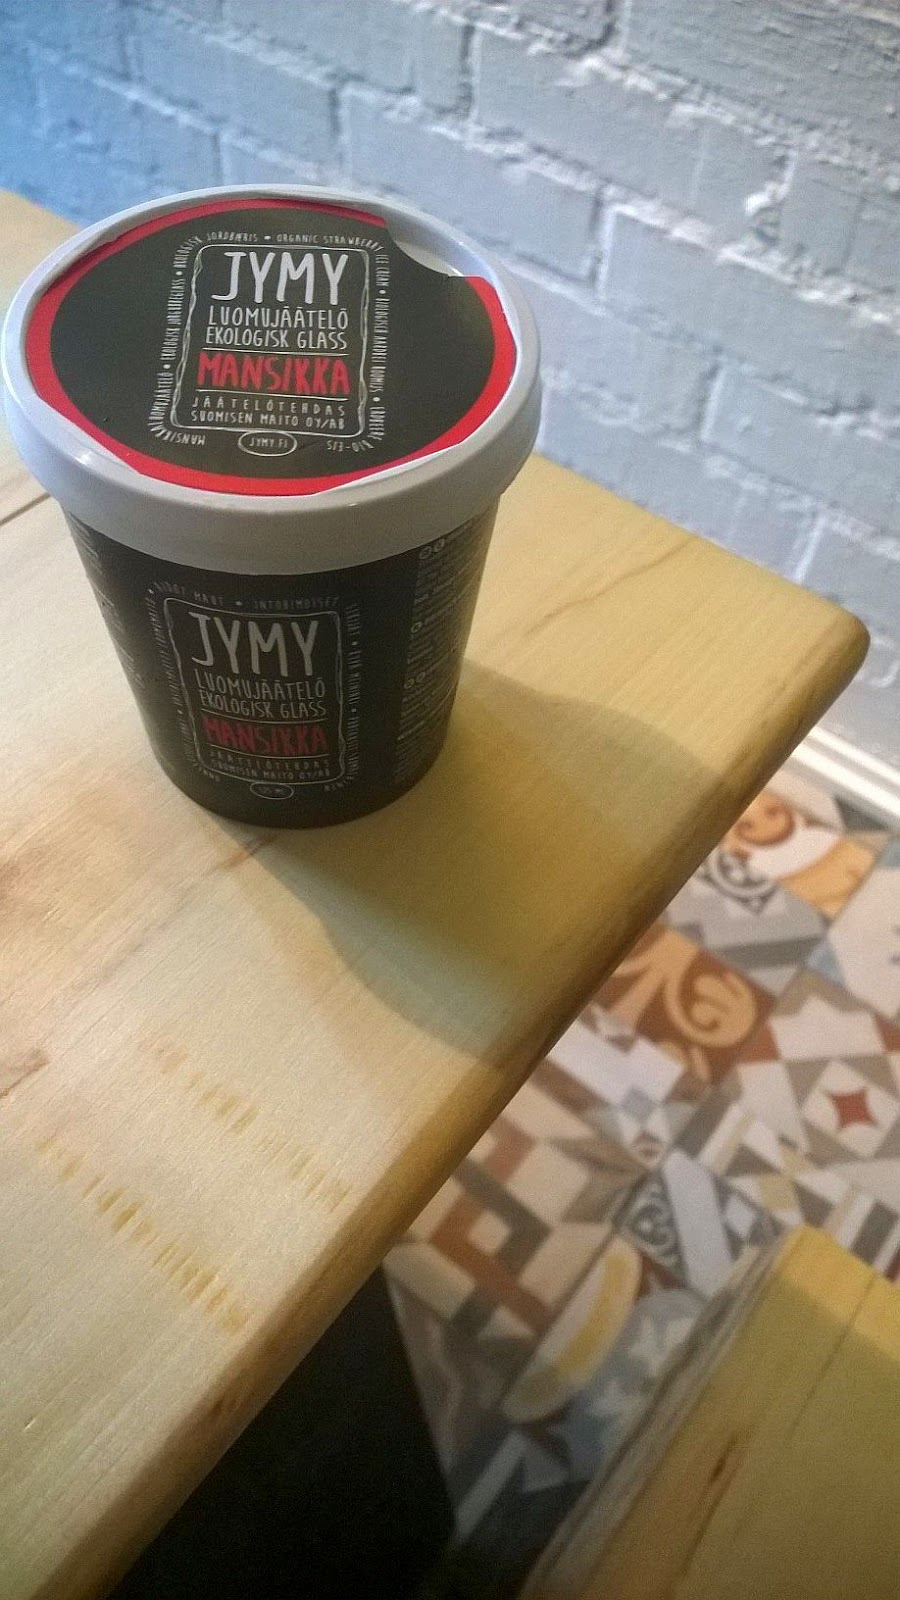 le qulkuri ravintola jyväskylä arvio jymy jäätelö jälkiruoka